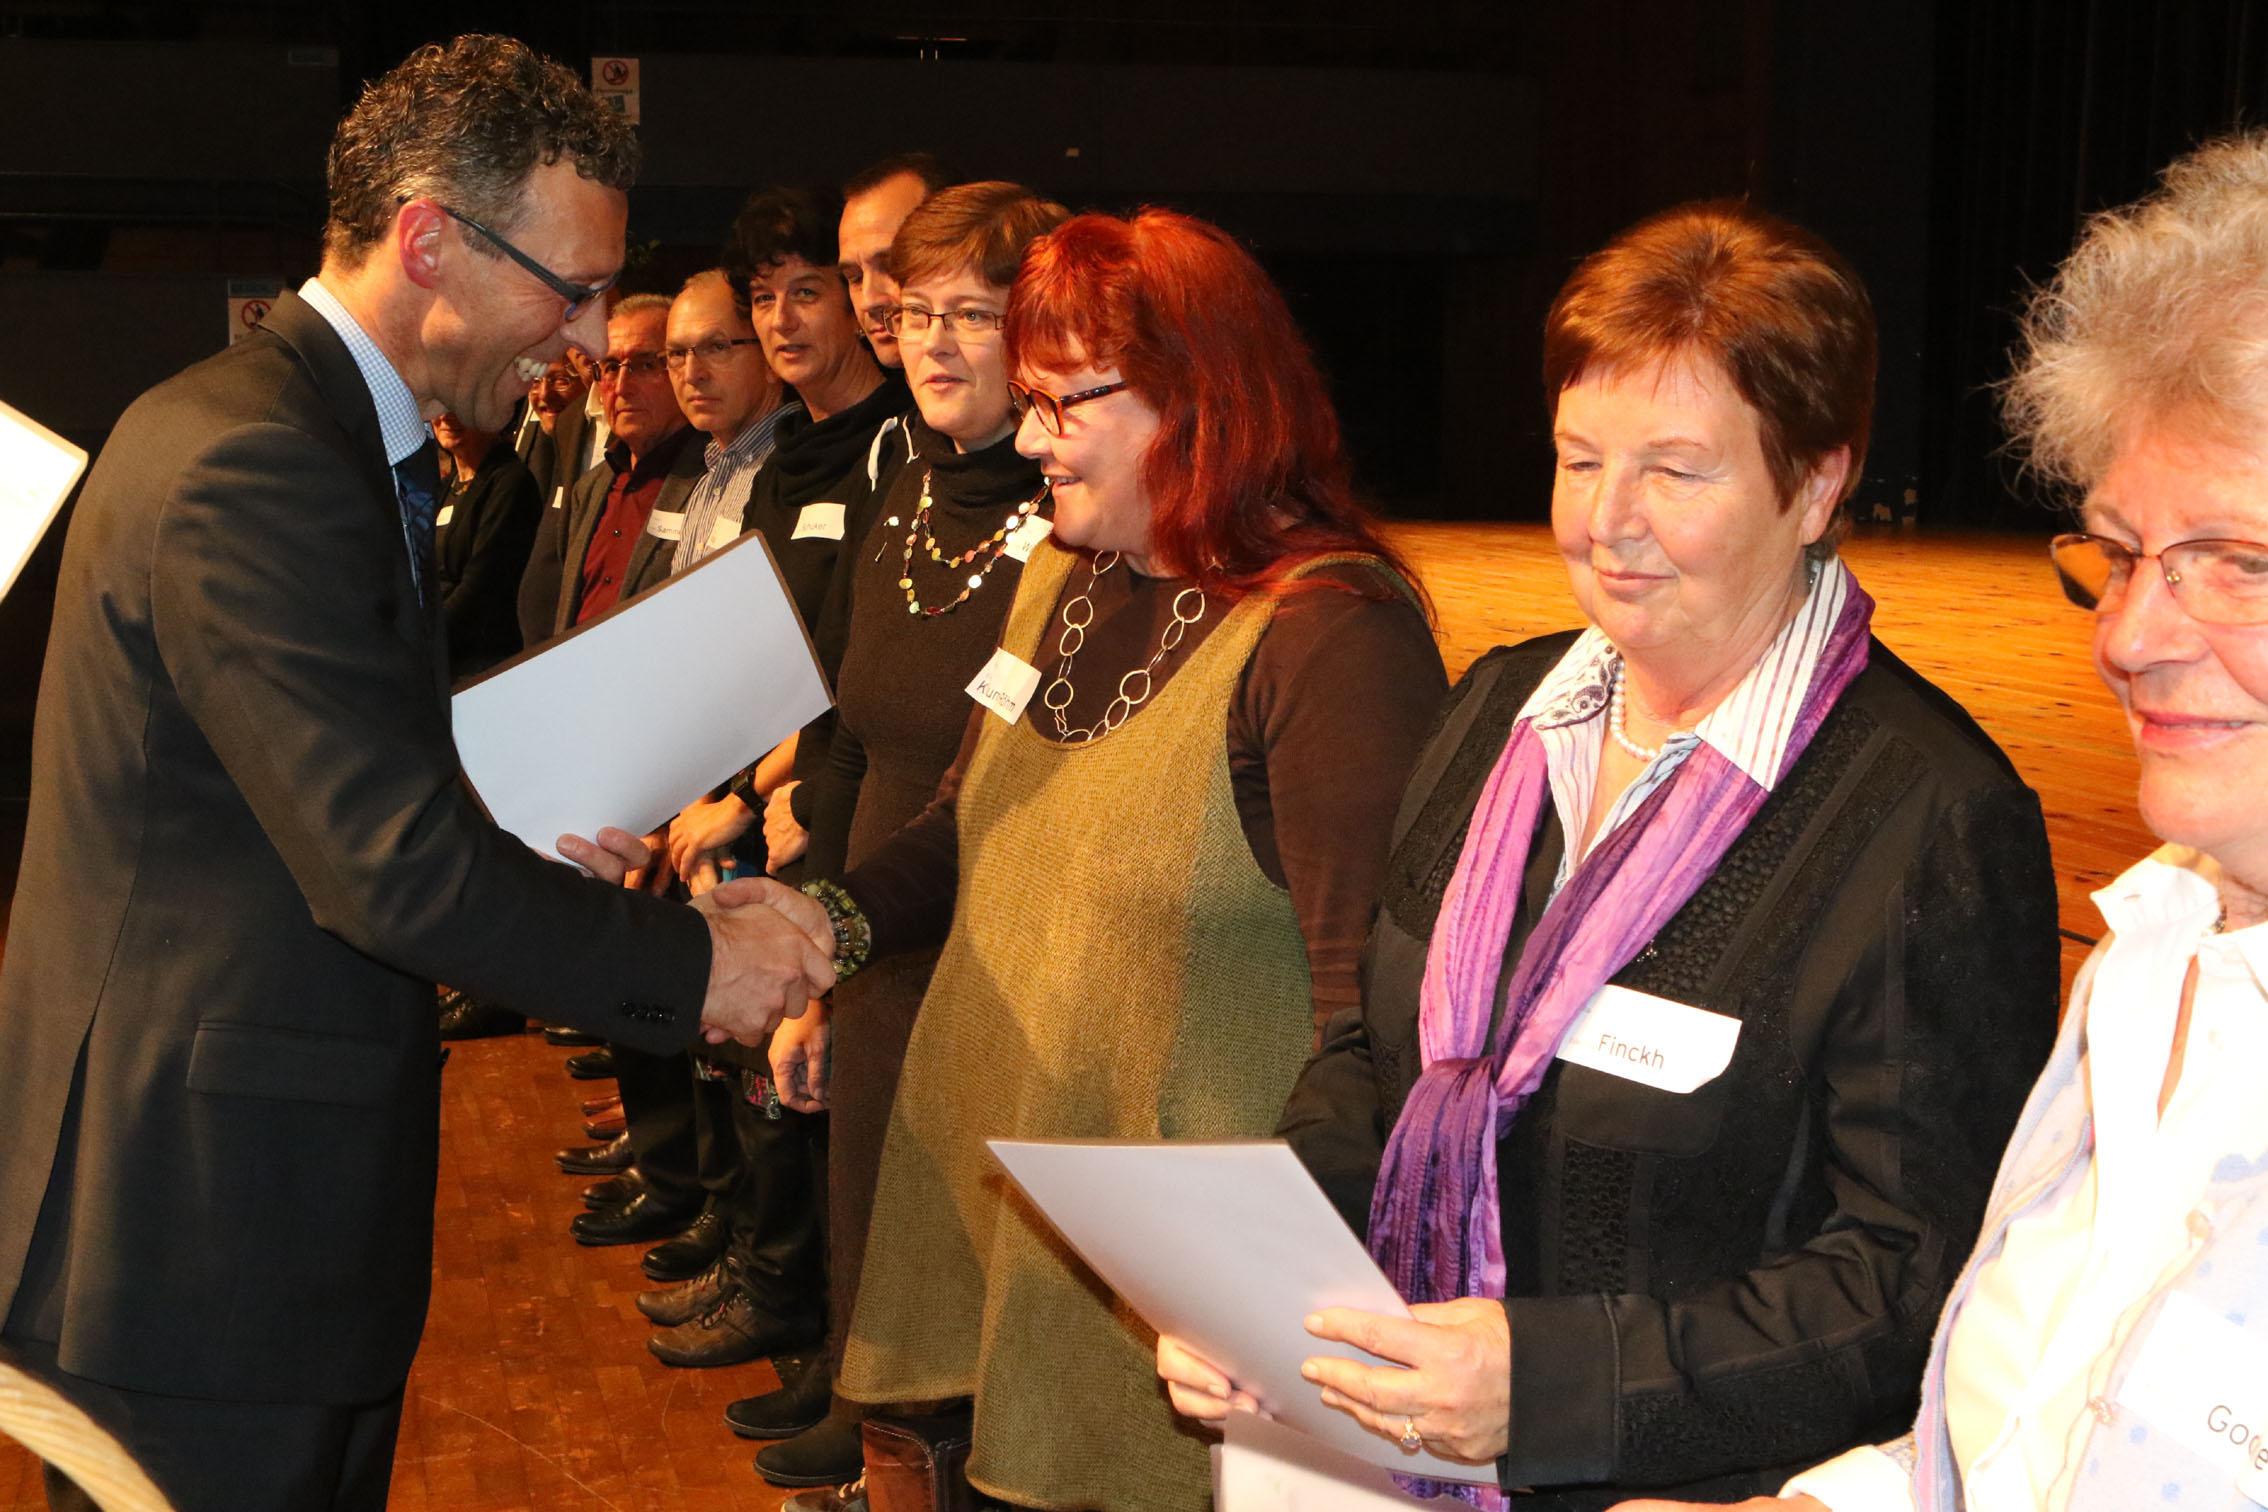 Oberbürgermeister Sprißler überreicht die Urkunden an die Vertreterinnen der Frauengeschichtswerkstatt. Foto: Bäuerle